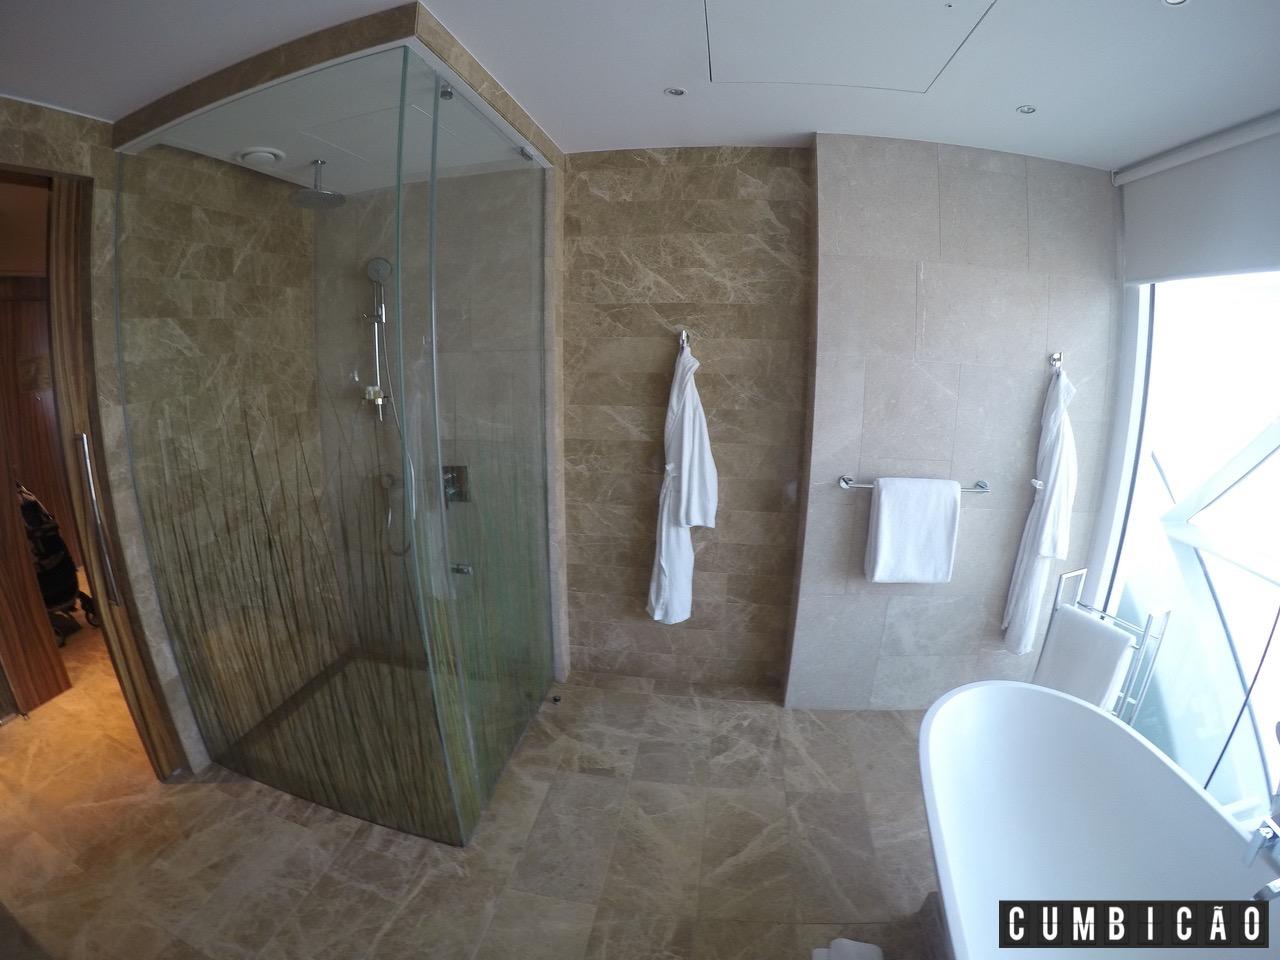 Cumbicão: Onde Ficar em Abu Dhabi? Hyatt Capital Gate um excelente 5  #976534 1280 960